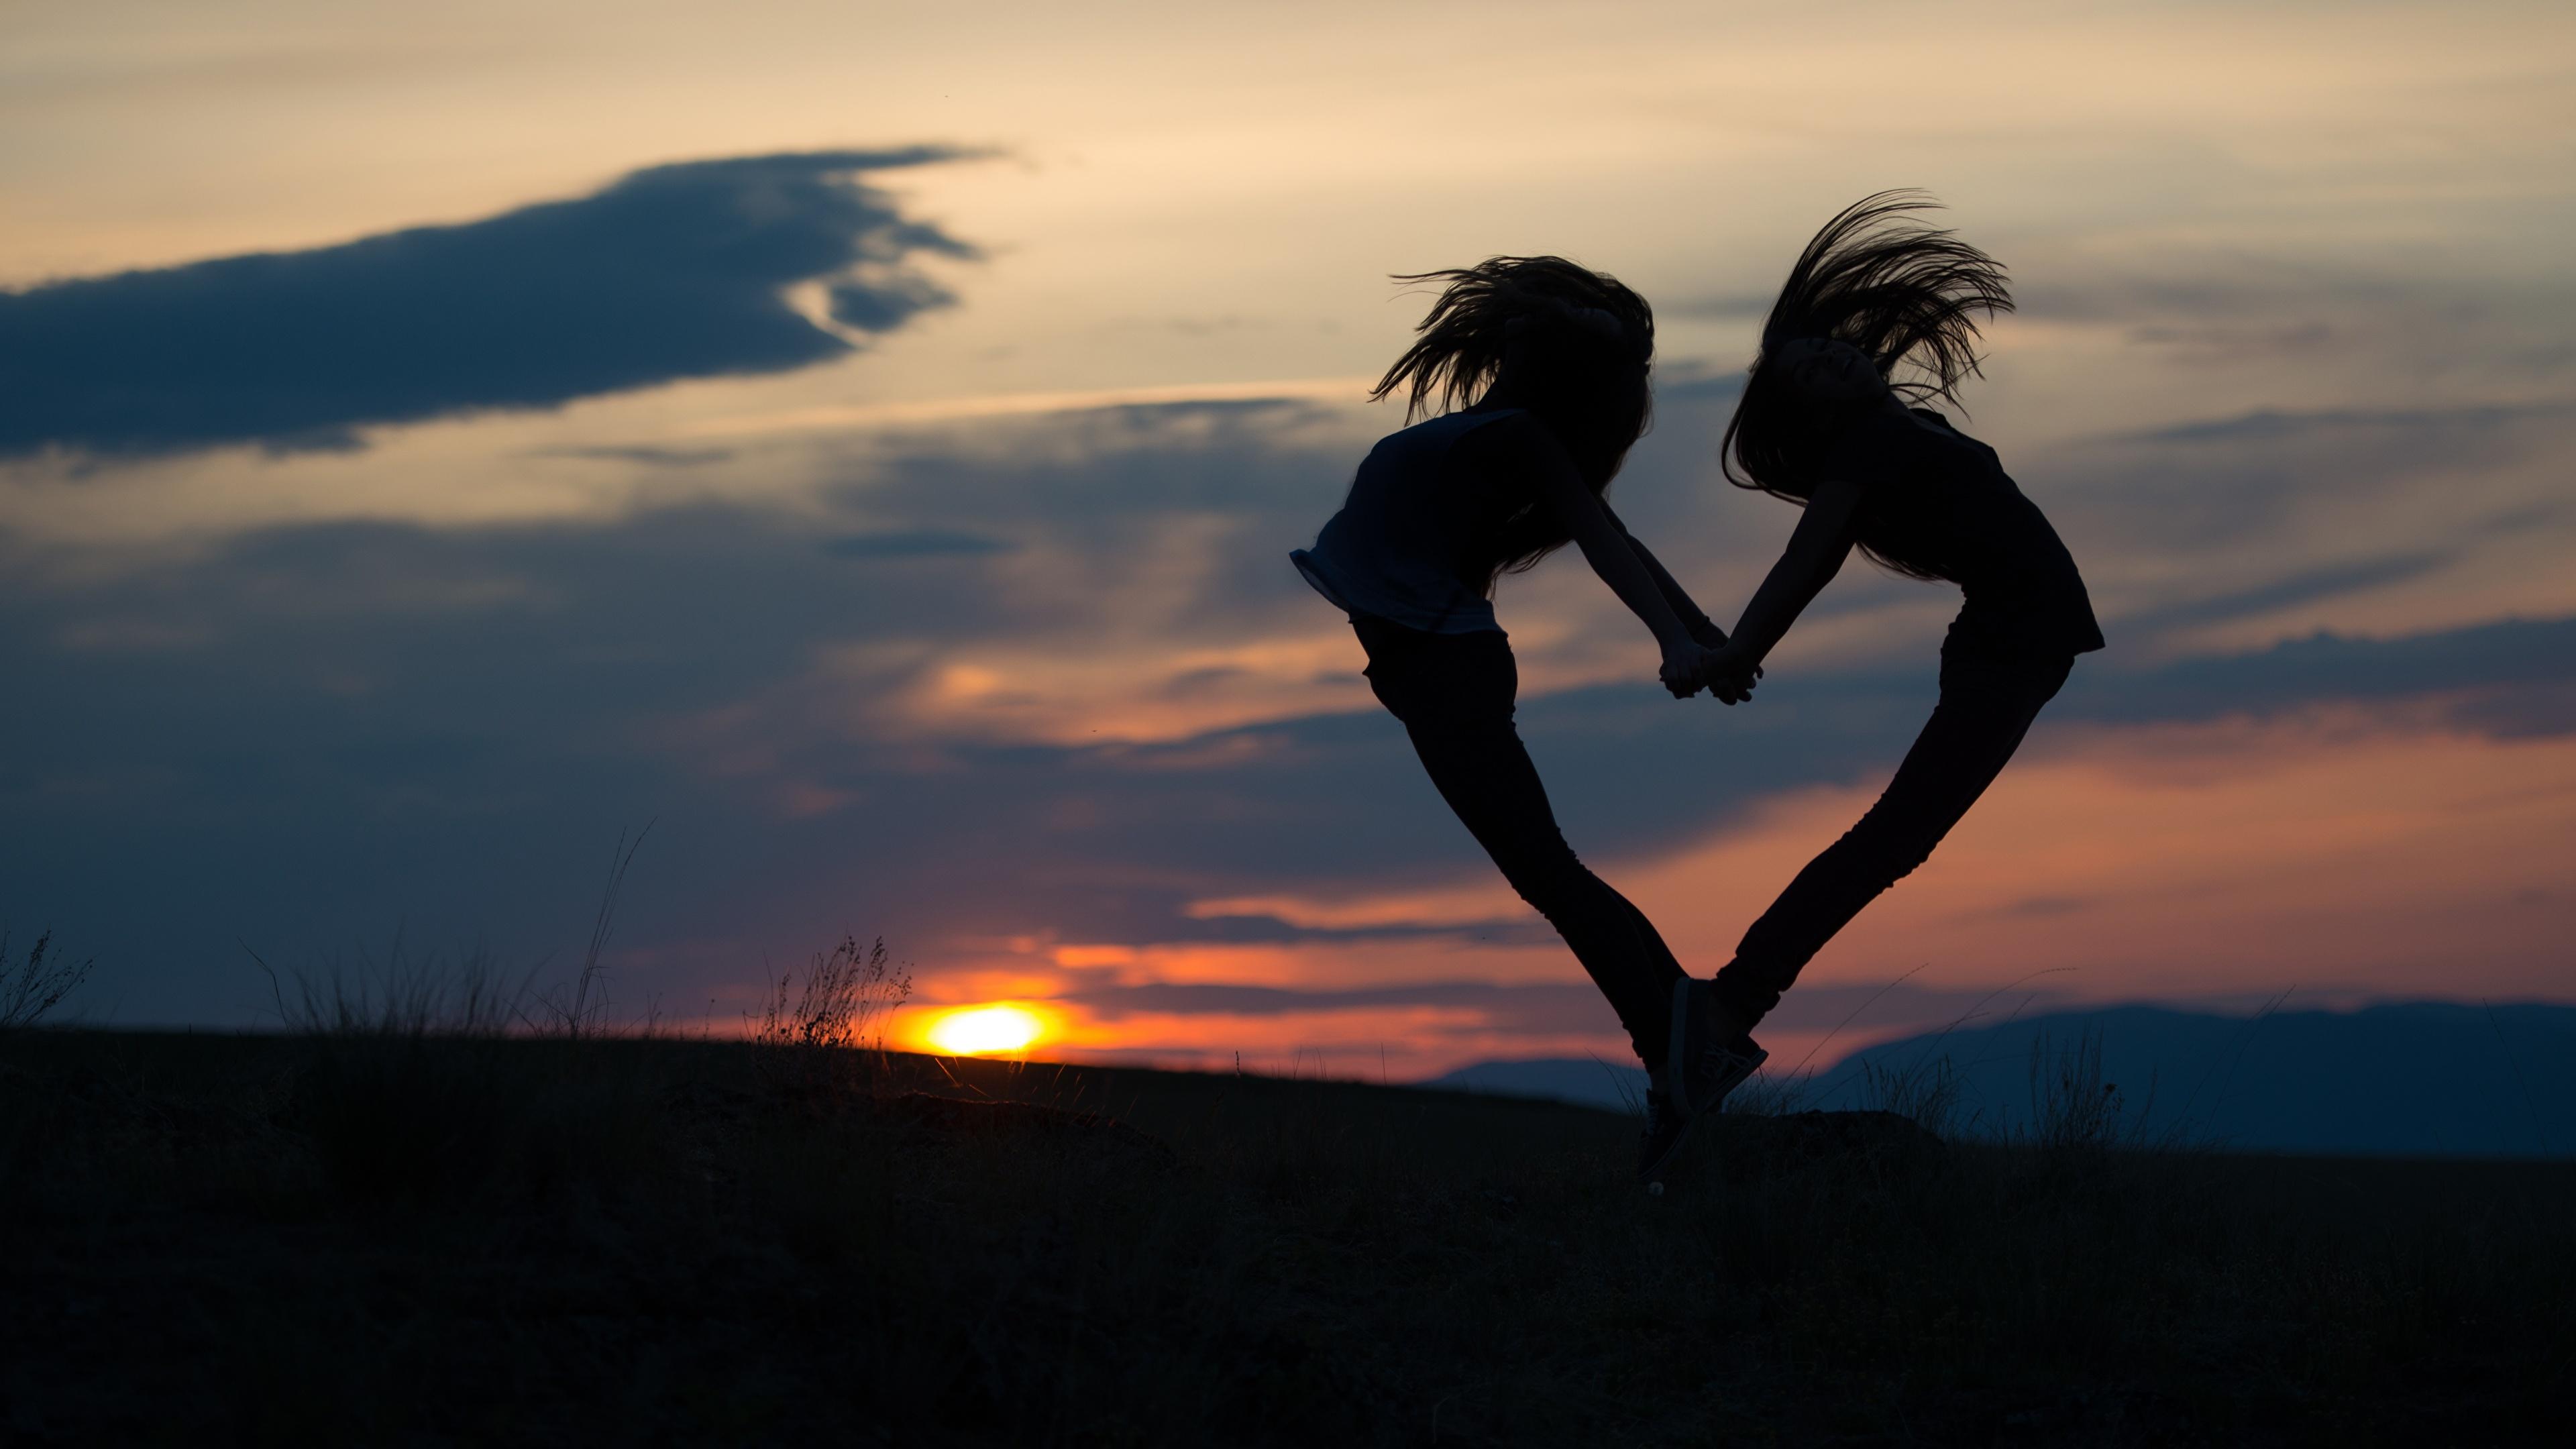 Фото сердца Силуэт вдвоем молодая женщина рассвет и закат Вечер 3840x2160 серце Сердце сердечко силуэты силуэта 2 два две Двое Девушки девушка молодые женщины Рассветы и закаты